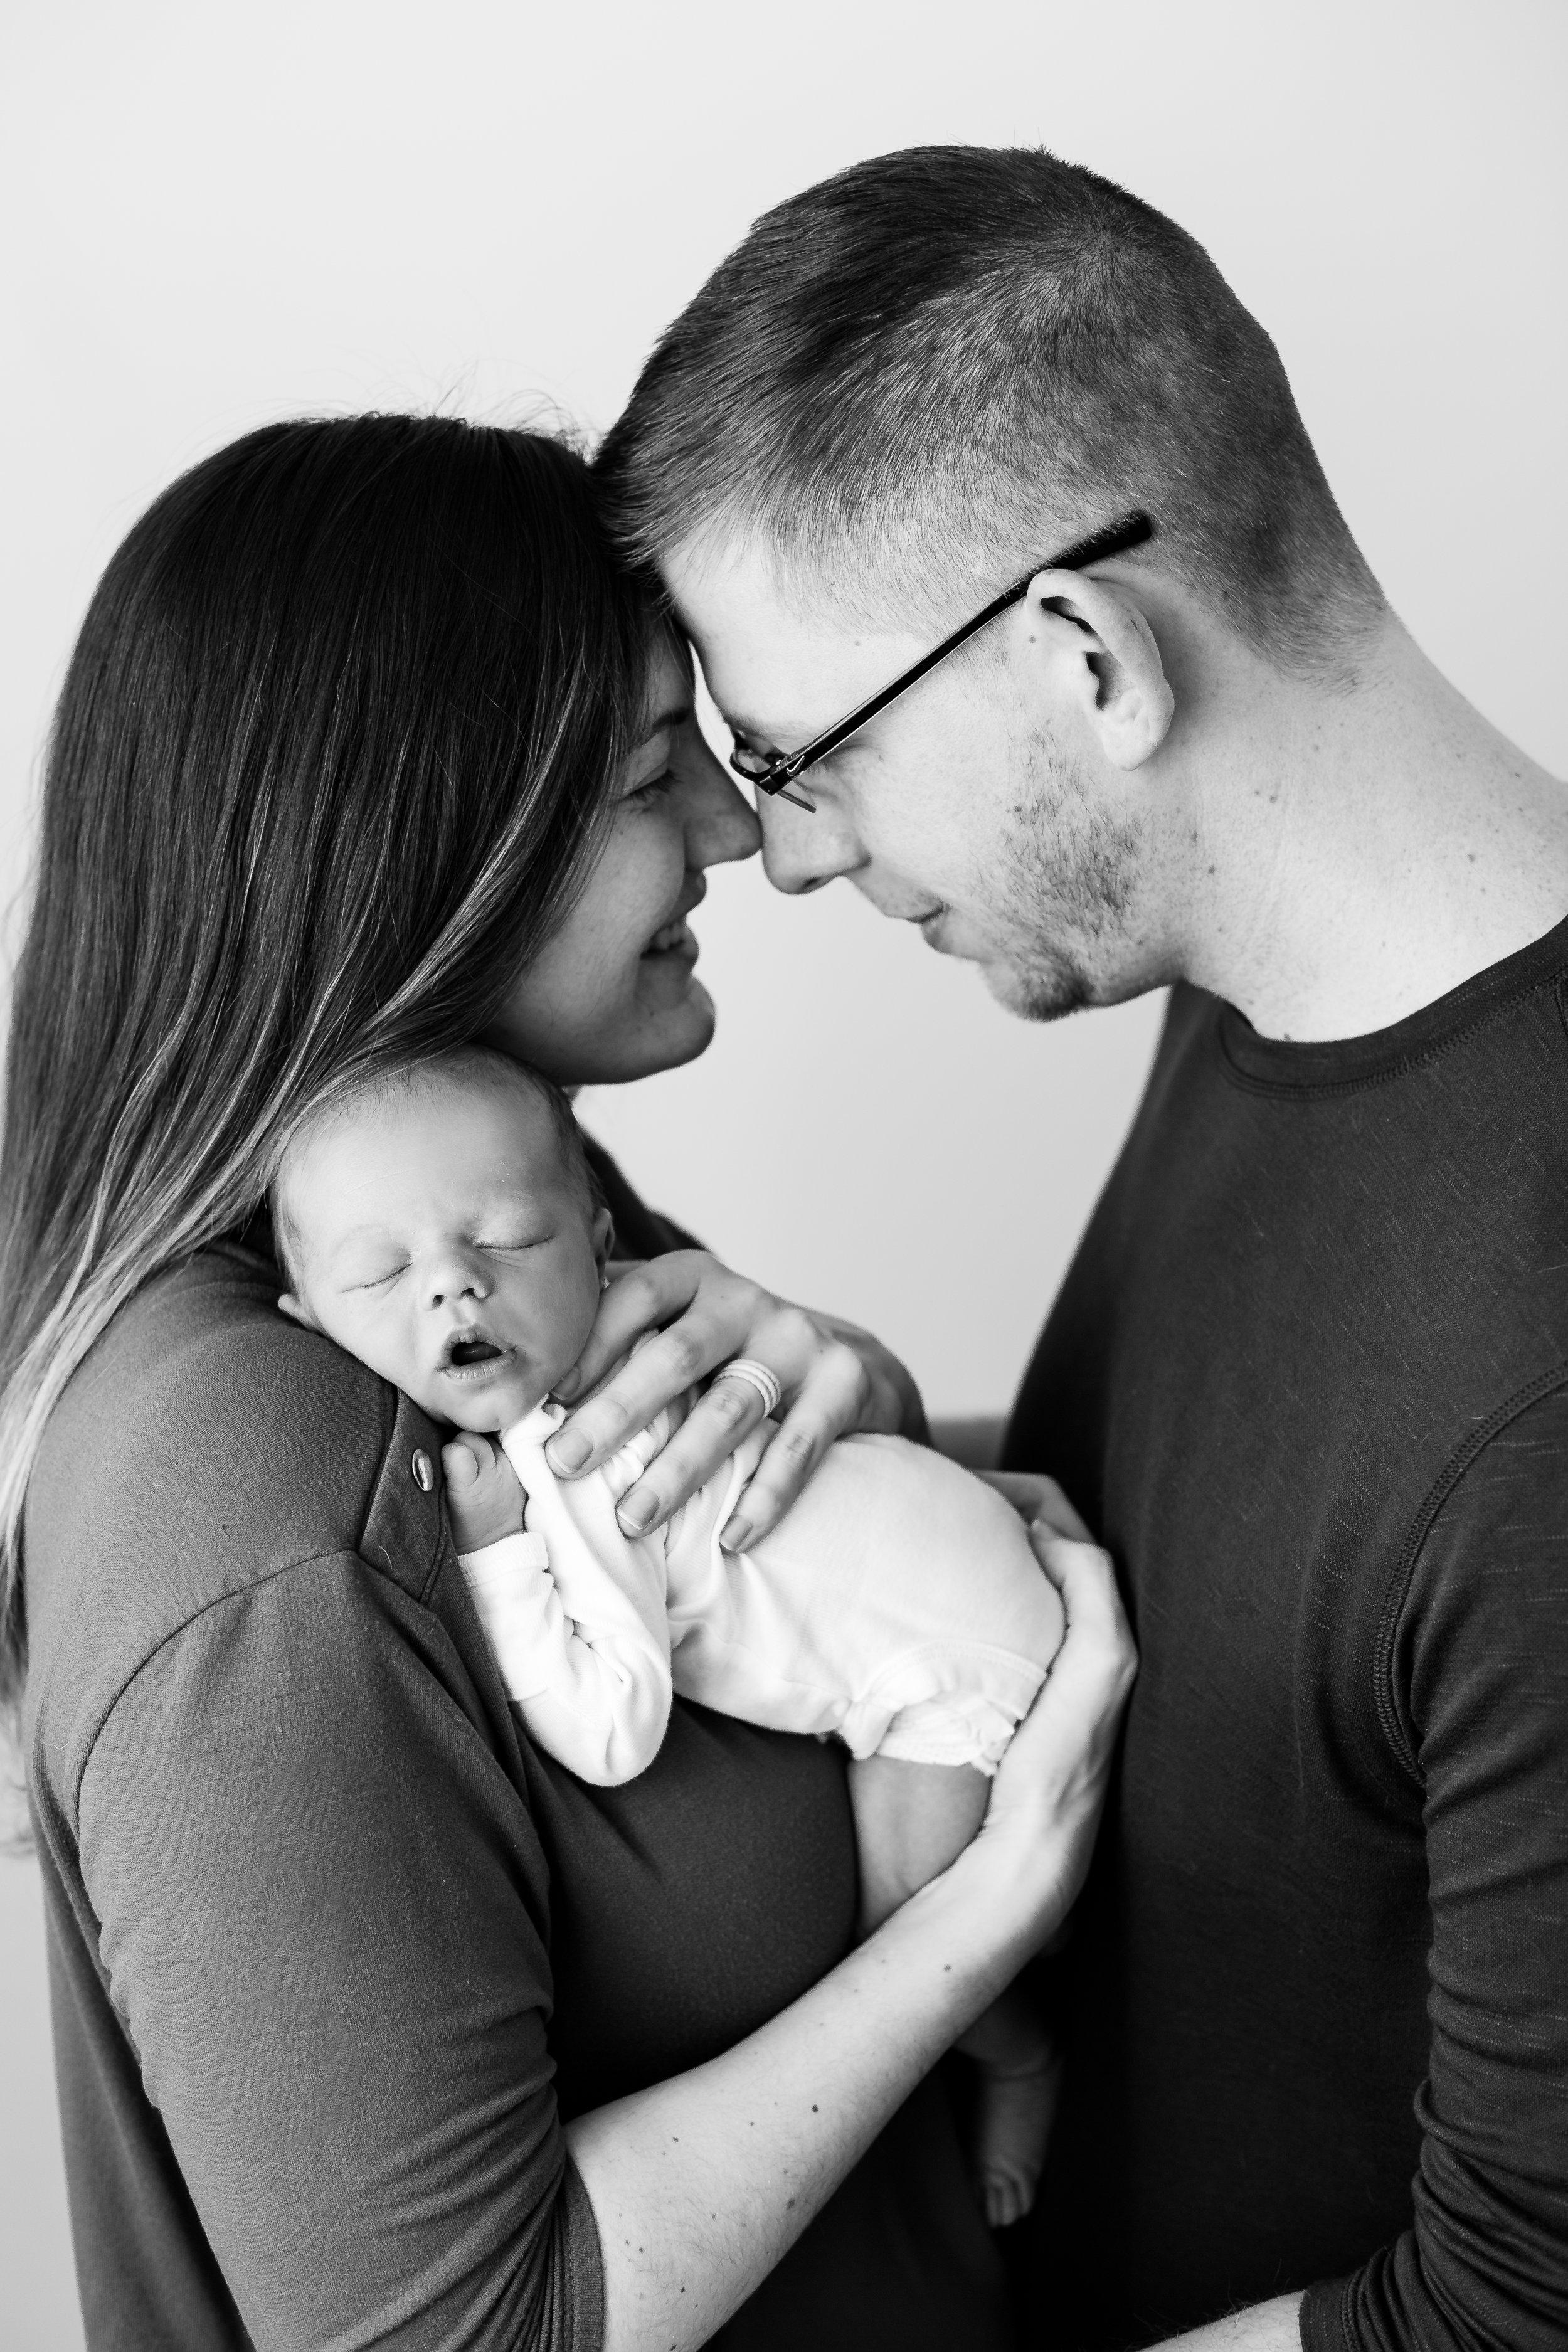 theodore-columbus-newborn-photographer-12.jpg